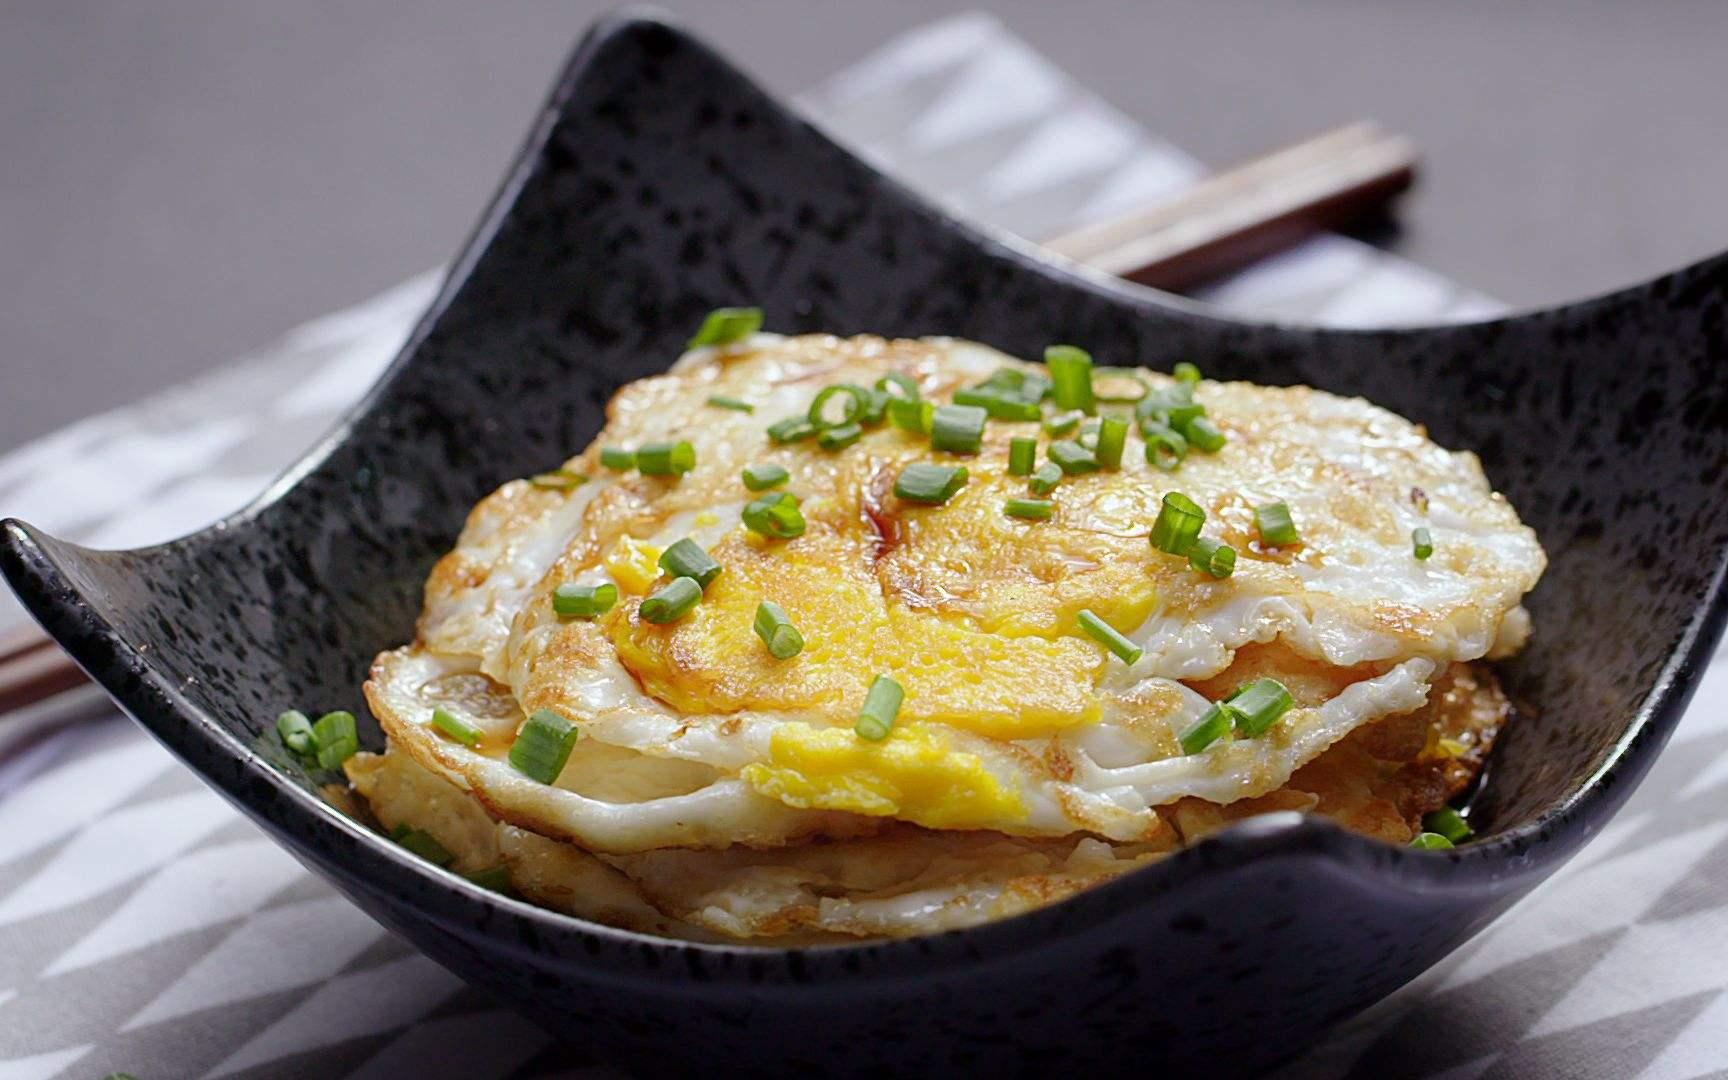 烹饪糖醋荷包蛋,这些小技巧勾起你的食欲